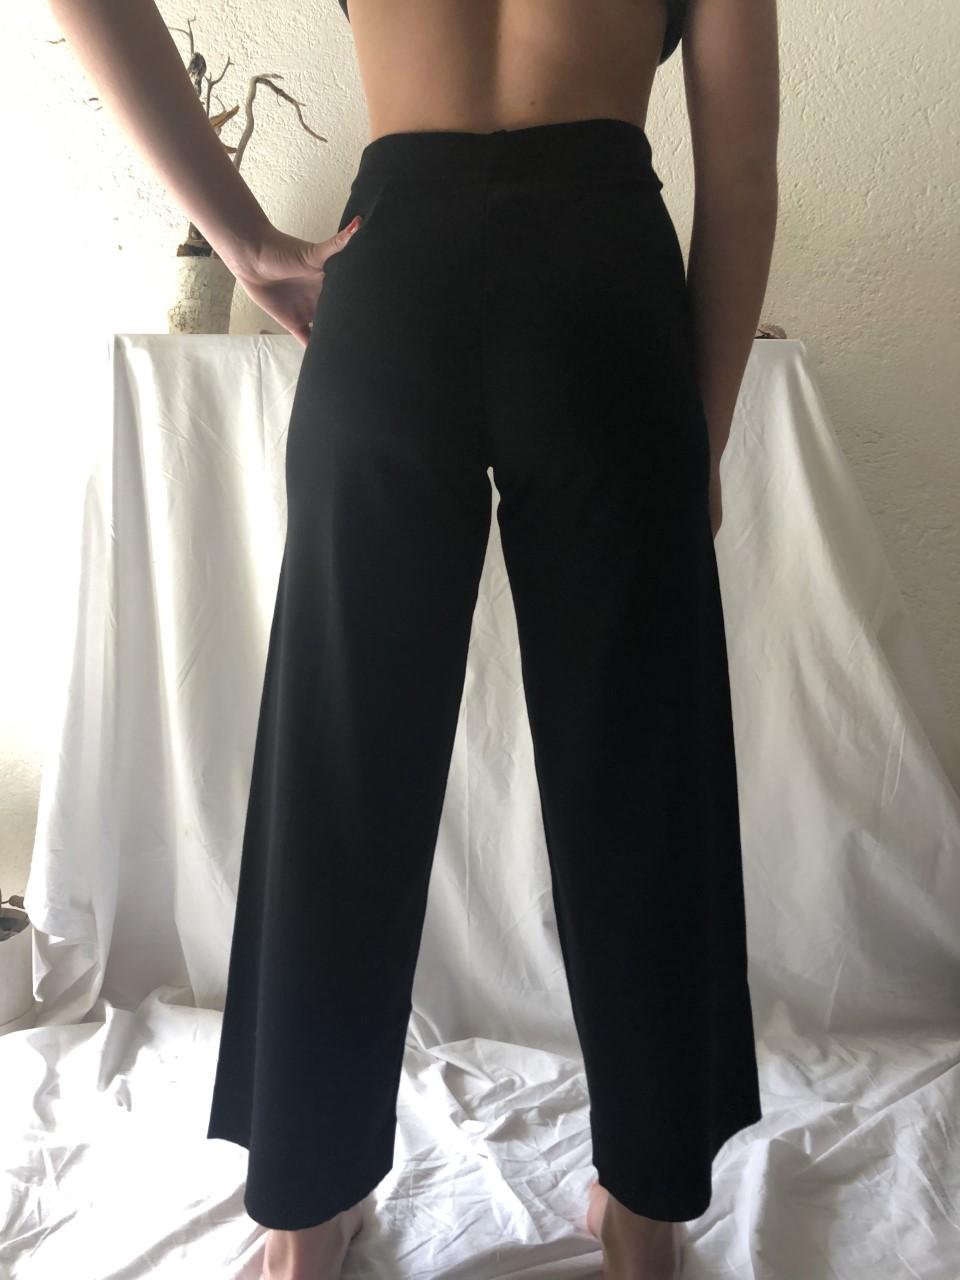 Pantalone Mirò Guardaroba particolare - dietro